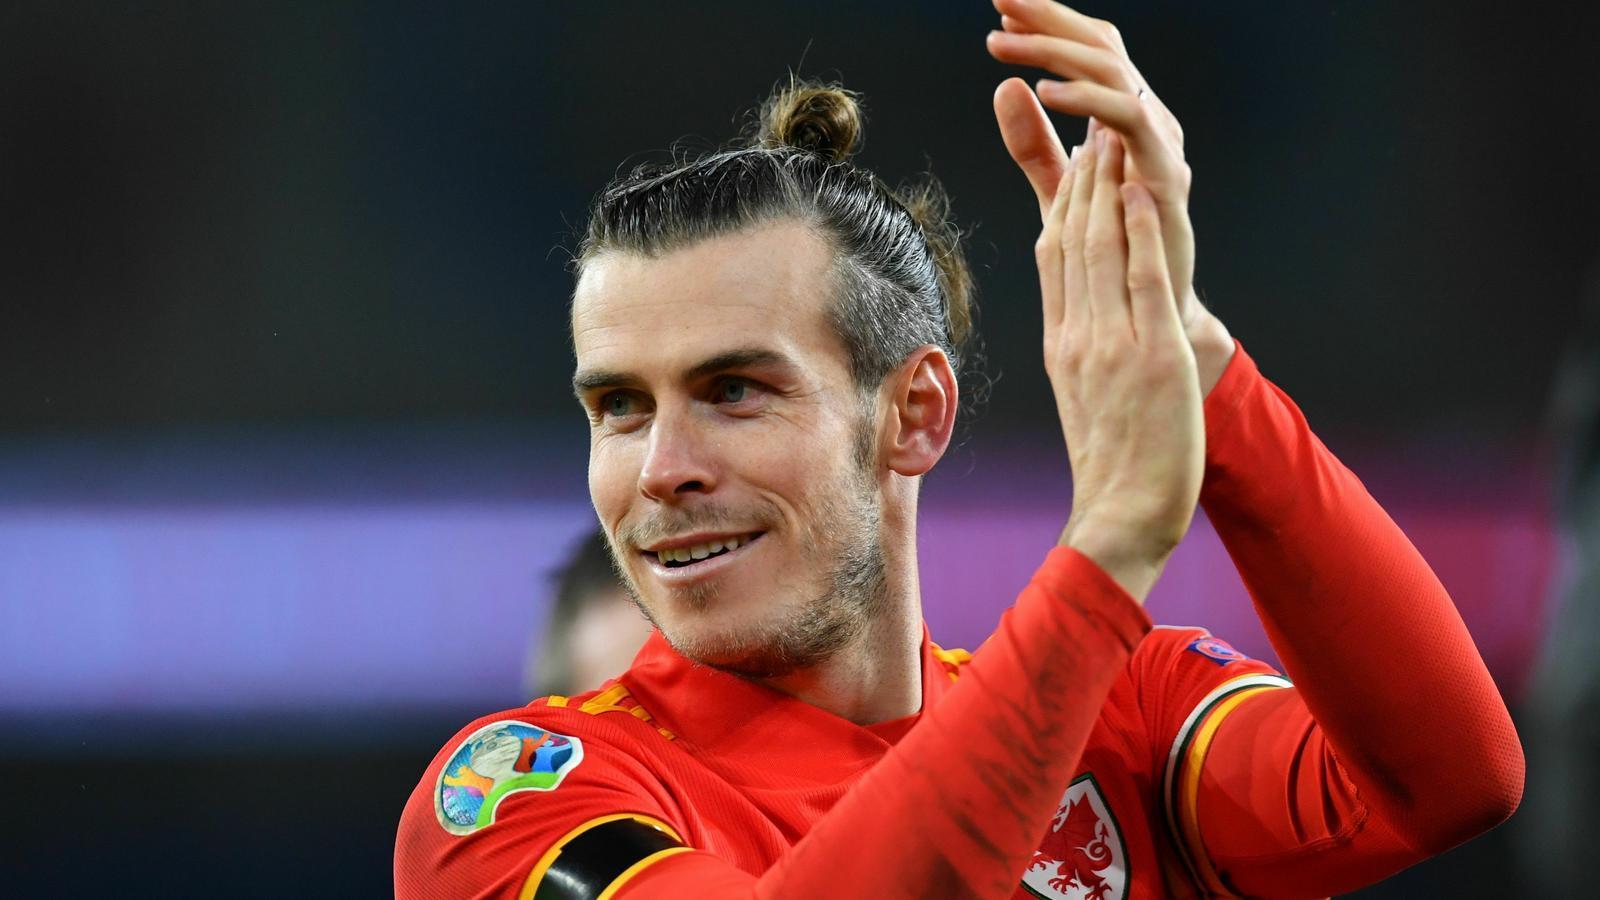 El davanter de Gal·les, Gareth Bale, celebra la victòria i la classificació després del partit contra Hongria